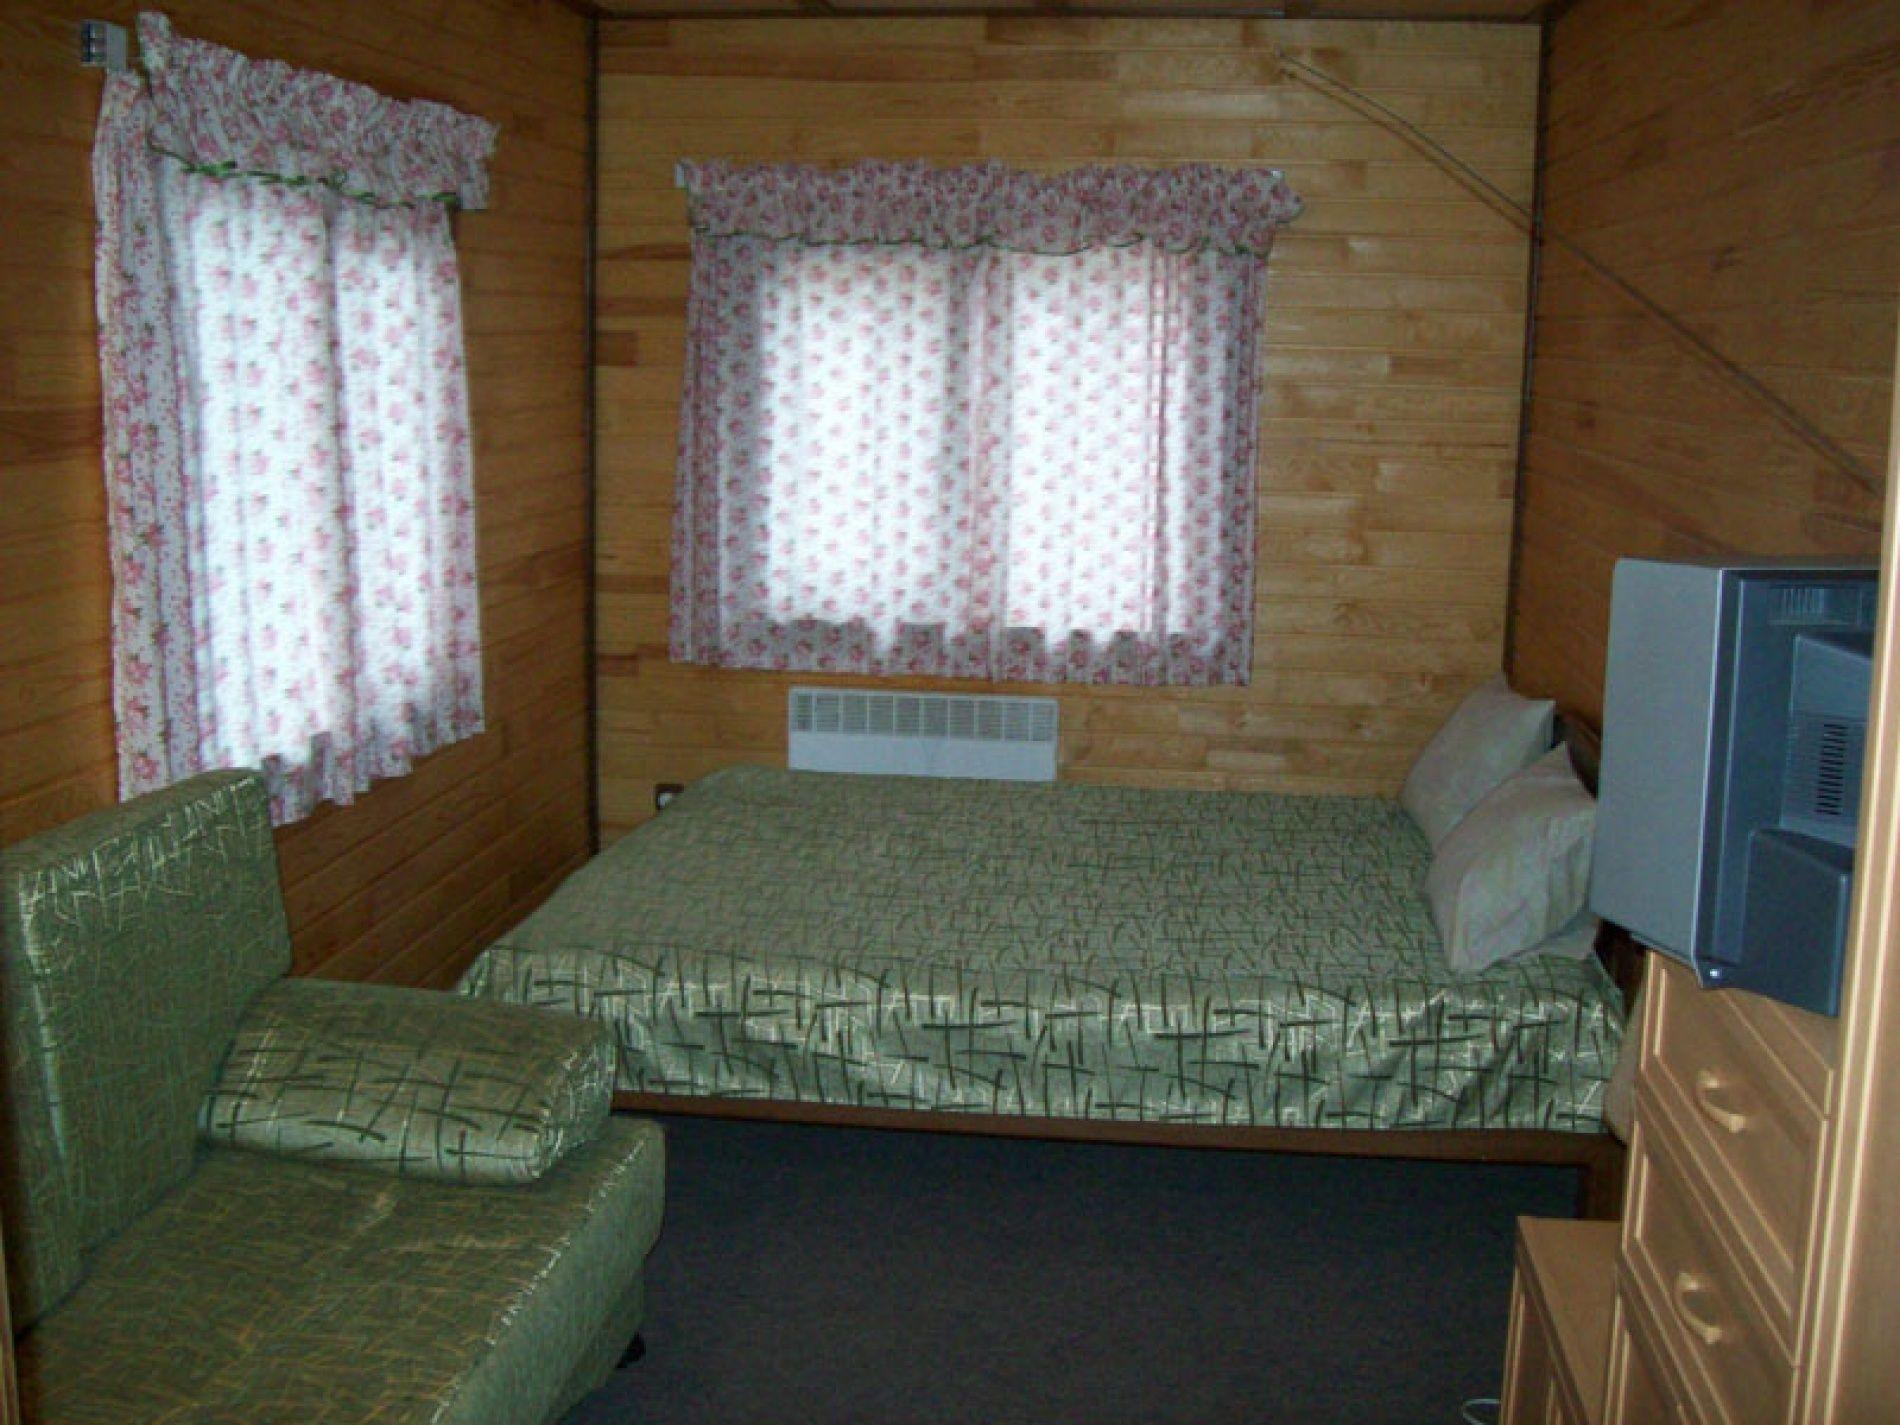 Гостиница «Мельница» Иркутская область Апартаменты, фото 1